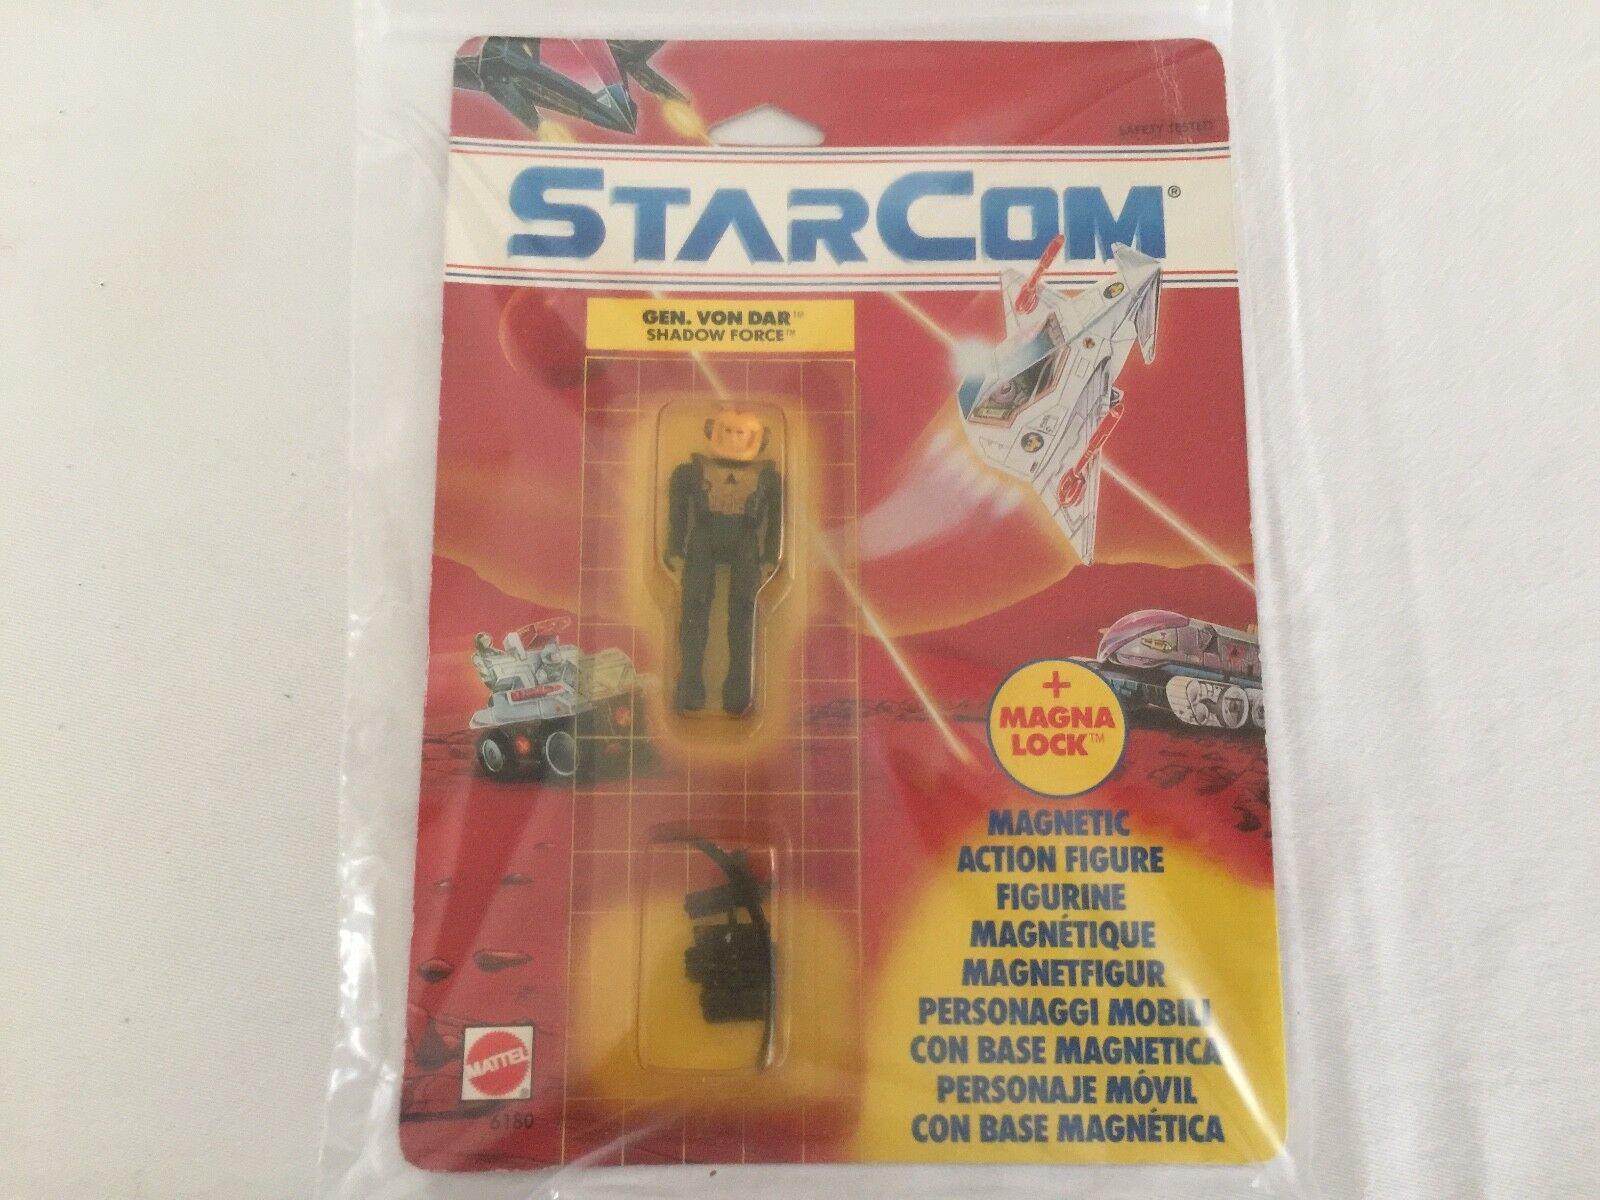 salida Estrellacom Gen. von dar la figura en en en la tarjeta en perfecto estado en Cochetón sellado Mattla versión europea  exclusivo